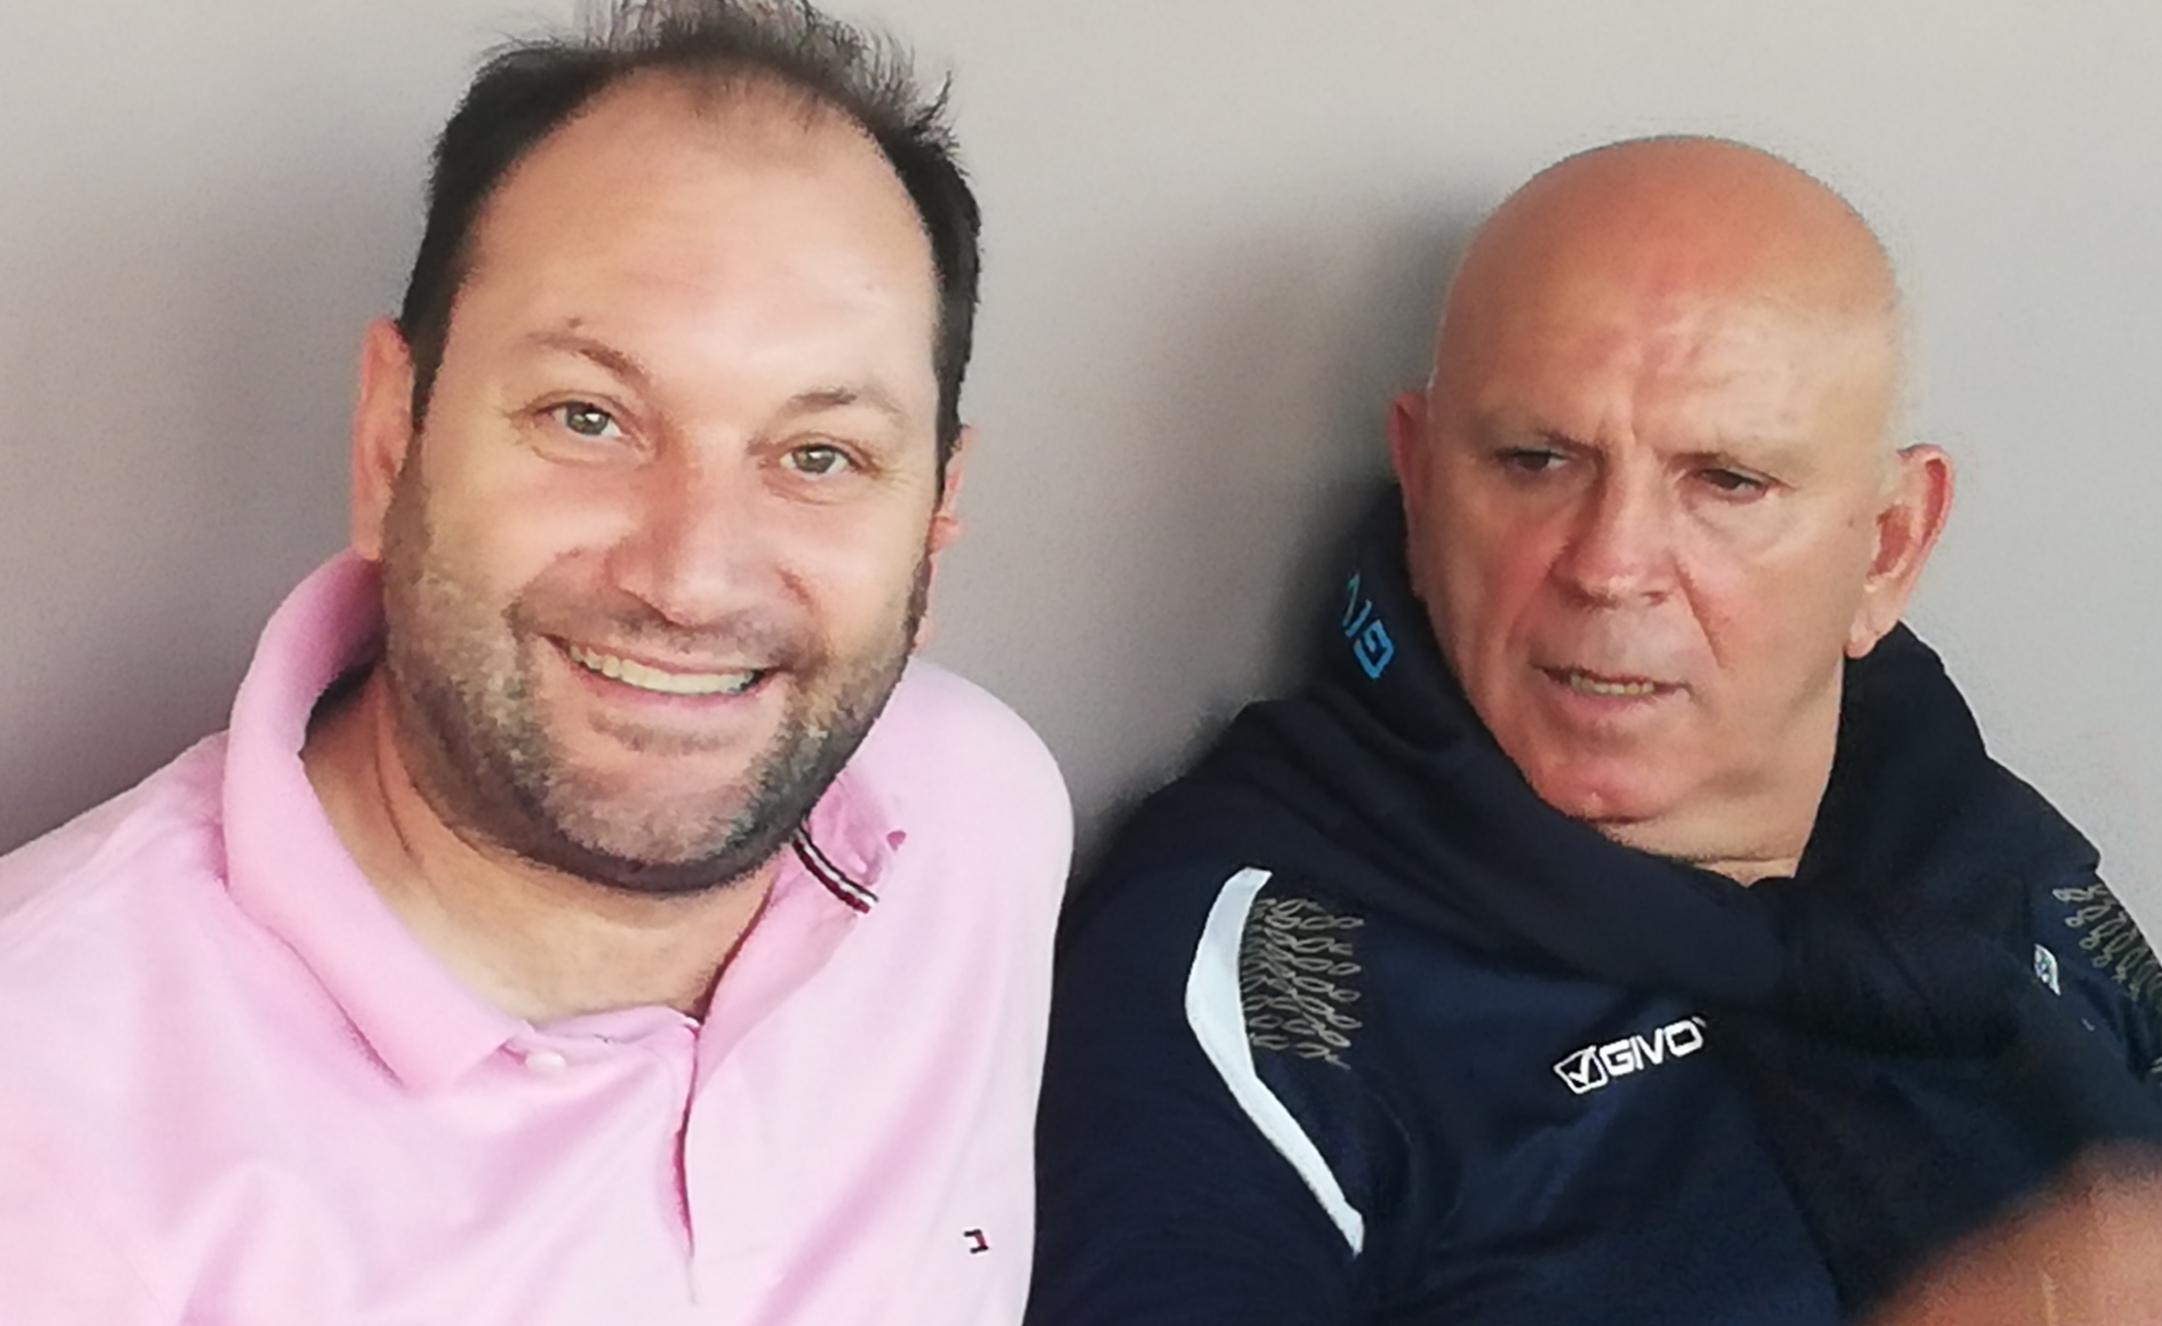 """Sportstonoto Radio/Μαρτσούκος: """"Έφυγε μόνος του"""", Βαζάκας: """"Με πρόδωσε ο Μαρτσούκος""""! (ΗΧΗΤΙΚΟ)"""